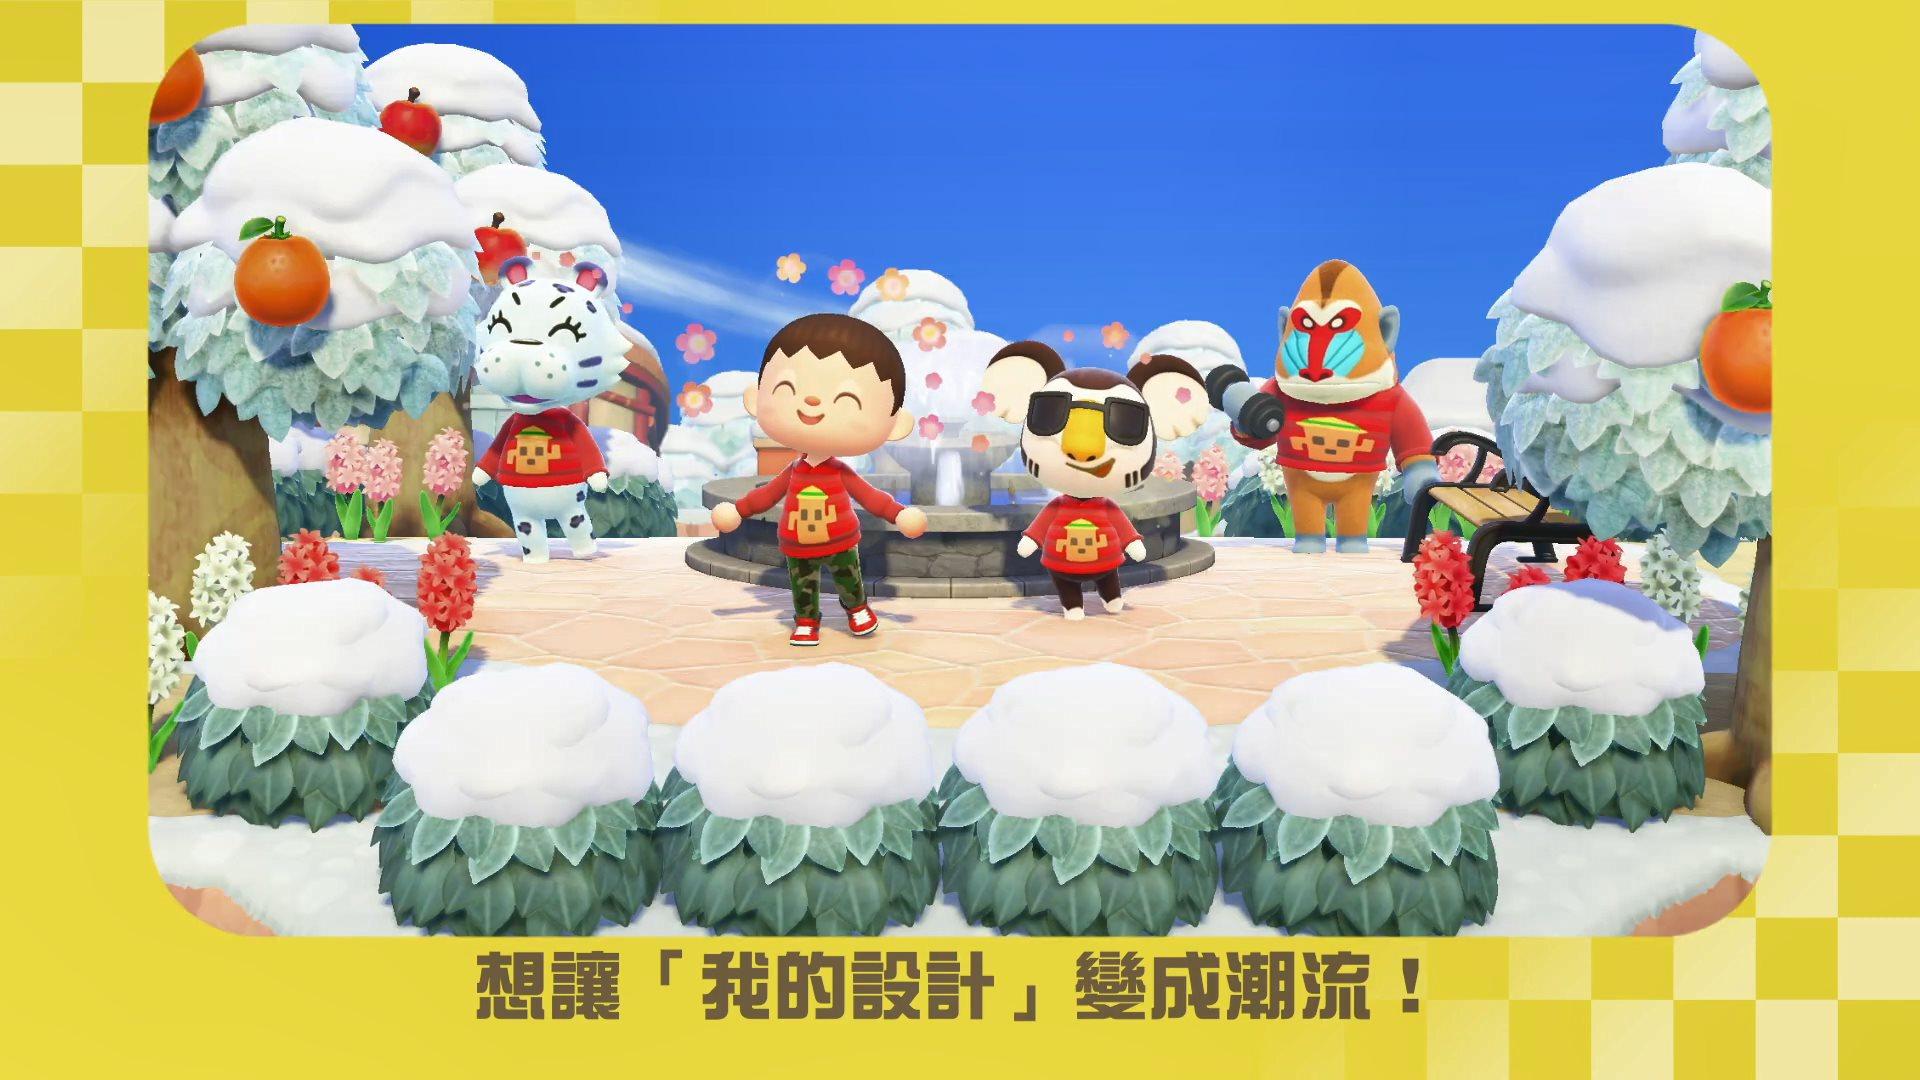 《动物森友会》发布新年篇CM 西施惠携小伙伴送祝福